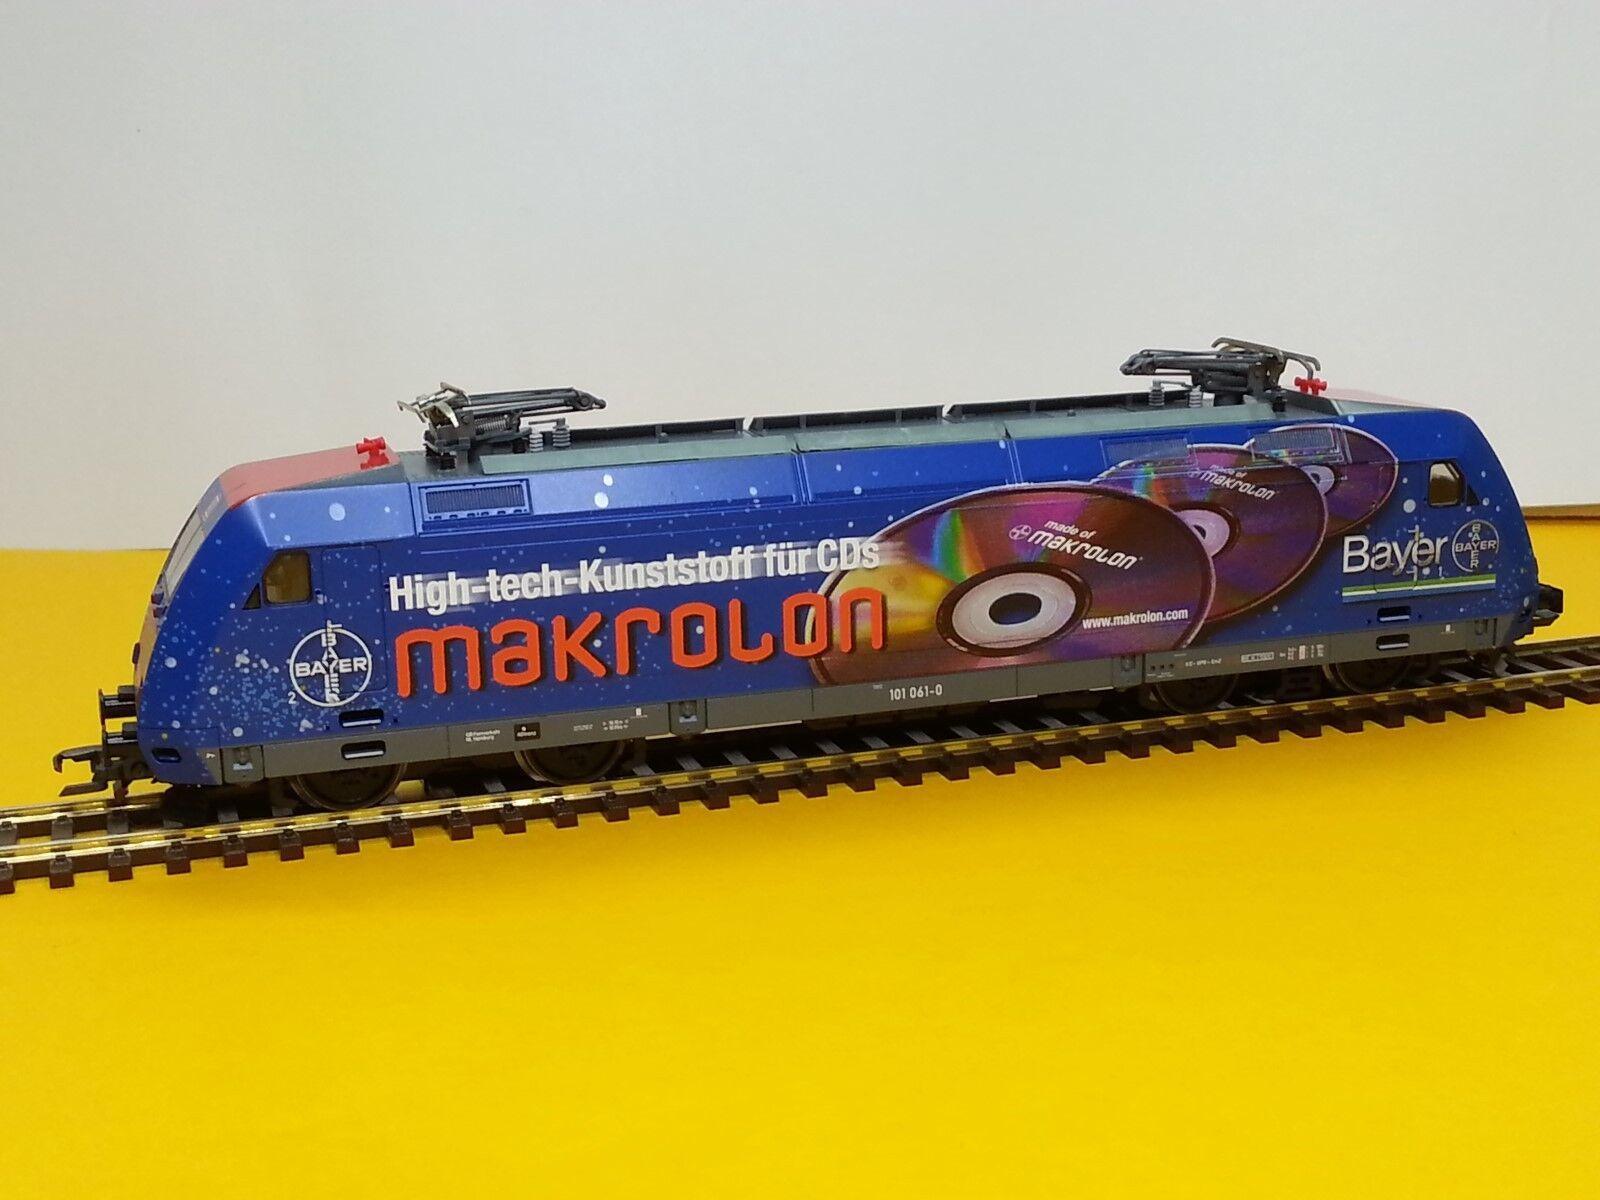 suministro de productos de calidad MAKROLON MAKROLON MAKROLON de Roco 63724 BR 101-061-0  nuevo  caja original  tienda en linea